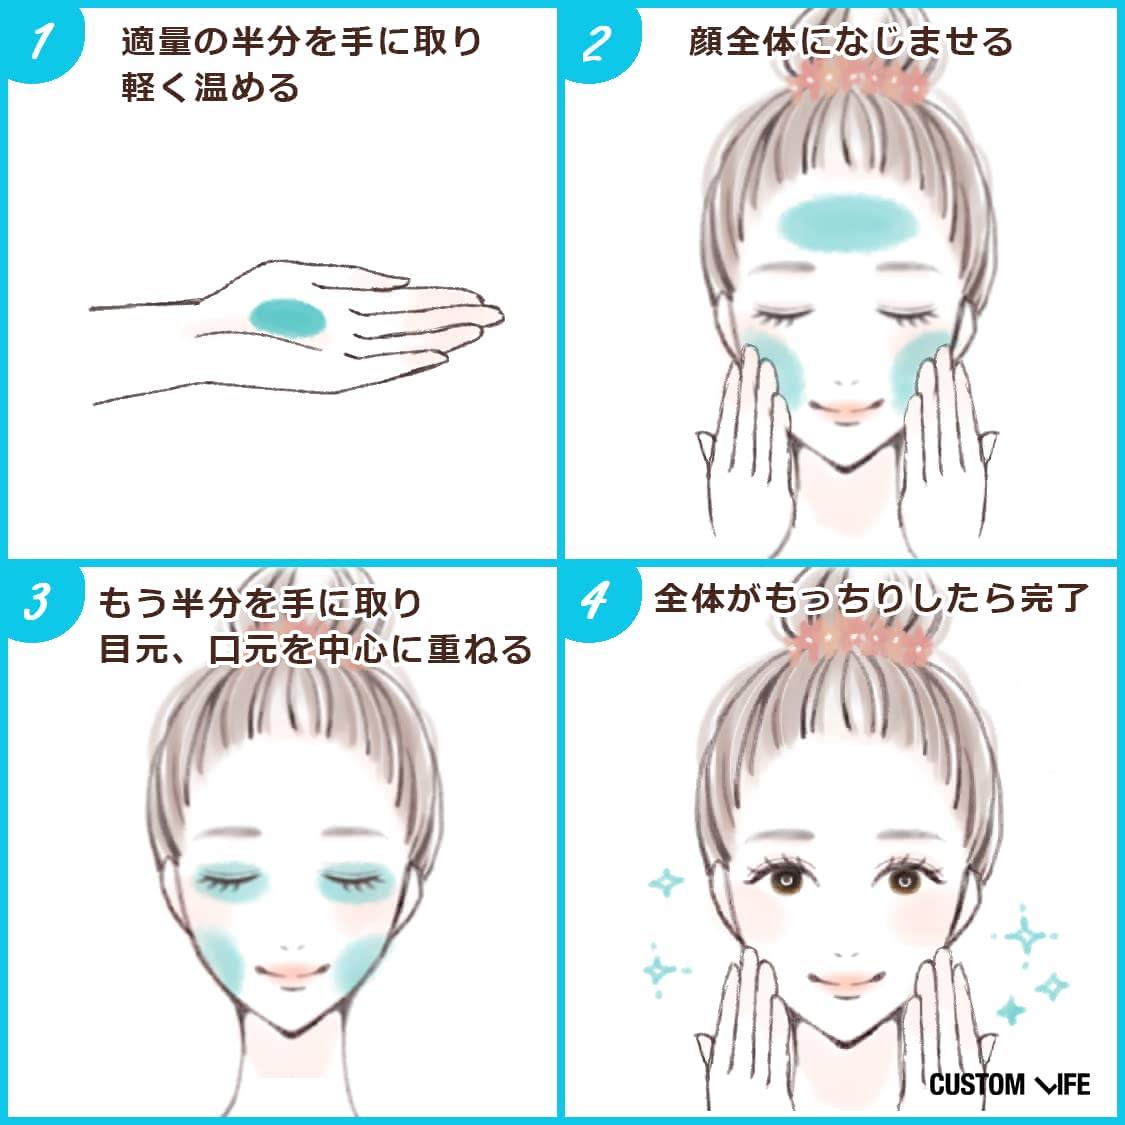 軽く温めてから顔全体になじませ、目元・口元を中心に重ね塗りする